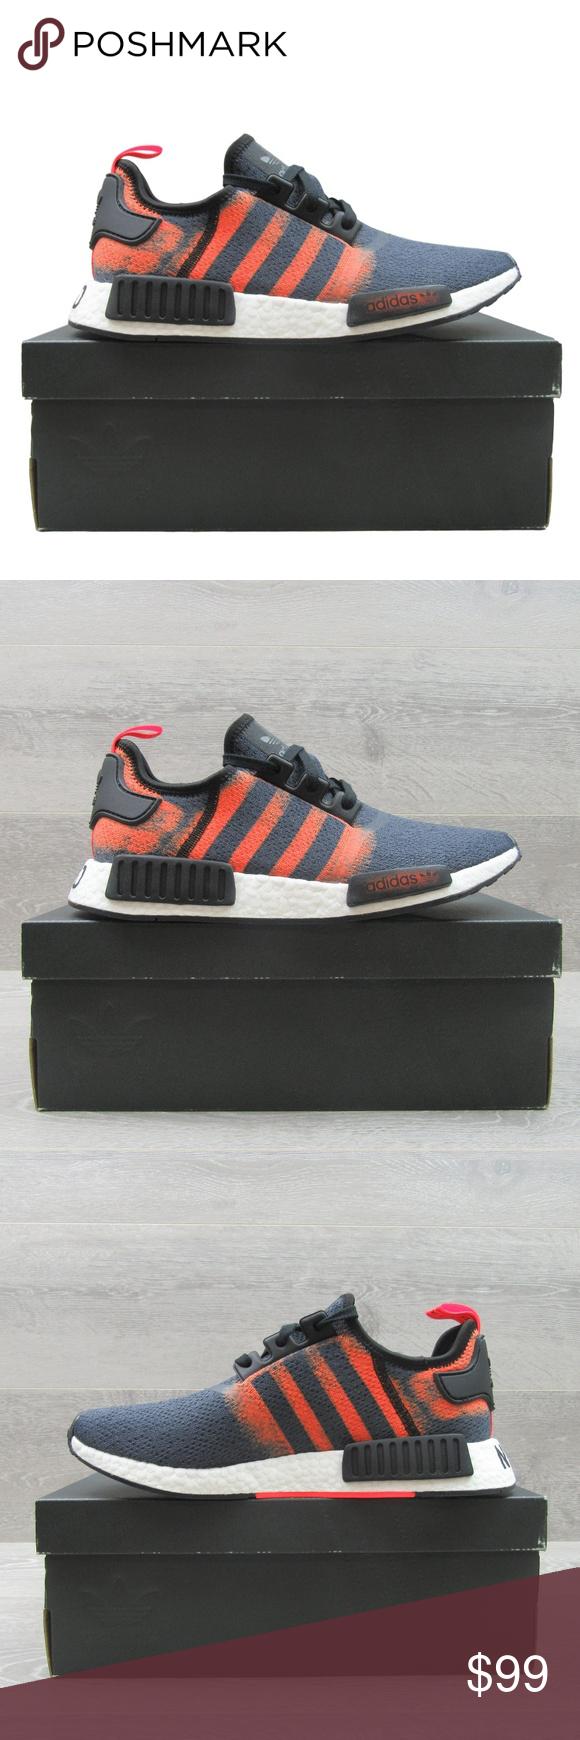 Adidas NMD R1 Primeknit Japan Pack Triple White – FootWork